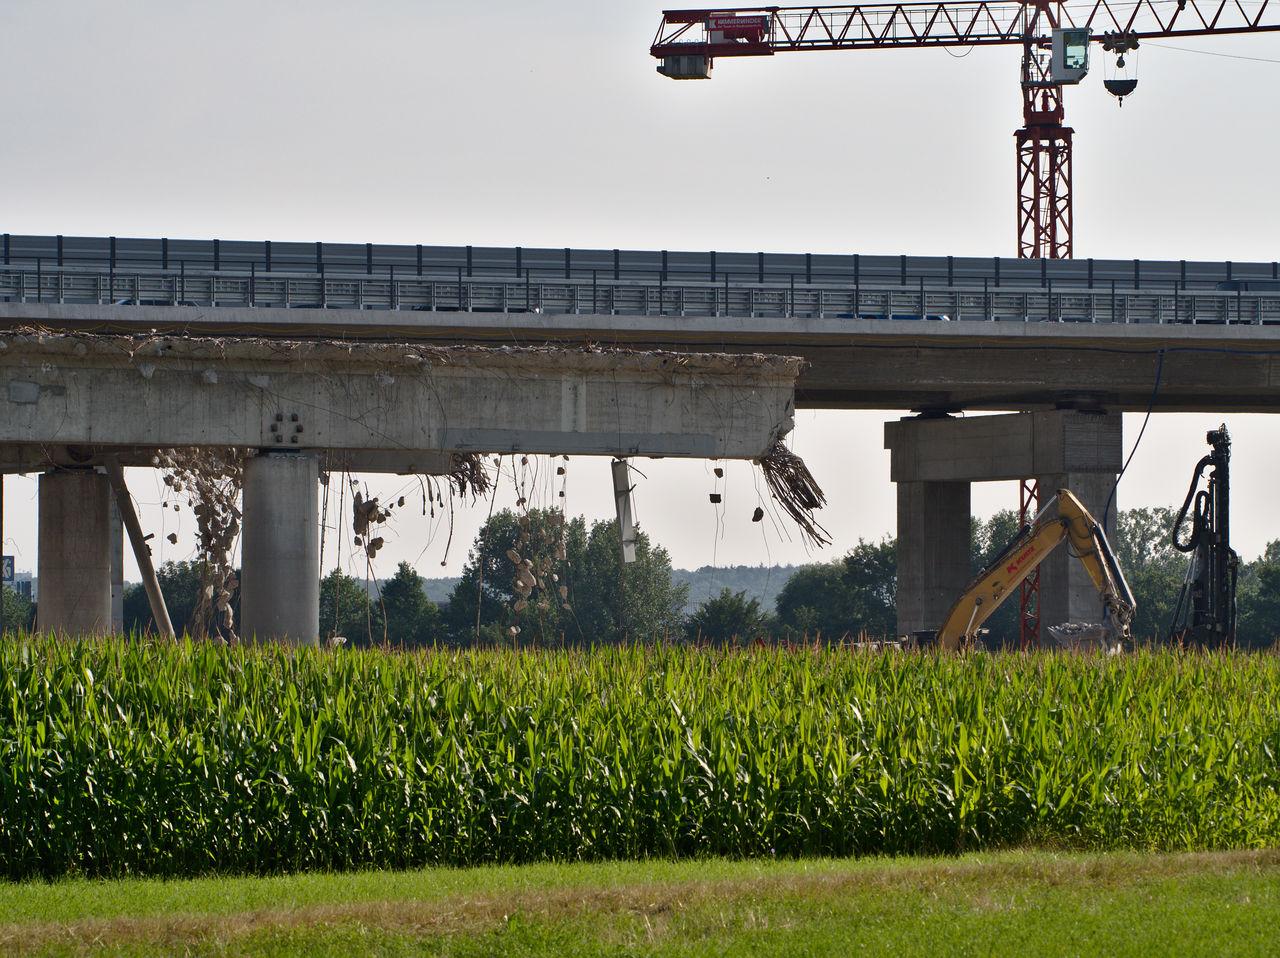 20190717_Autobahn_017